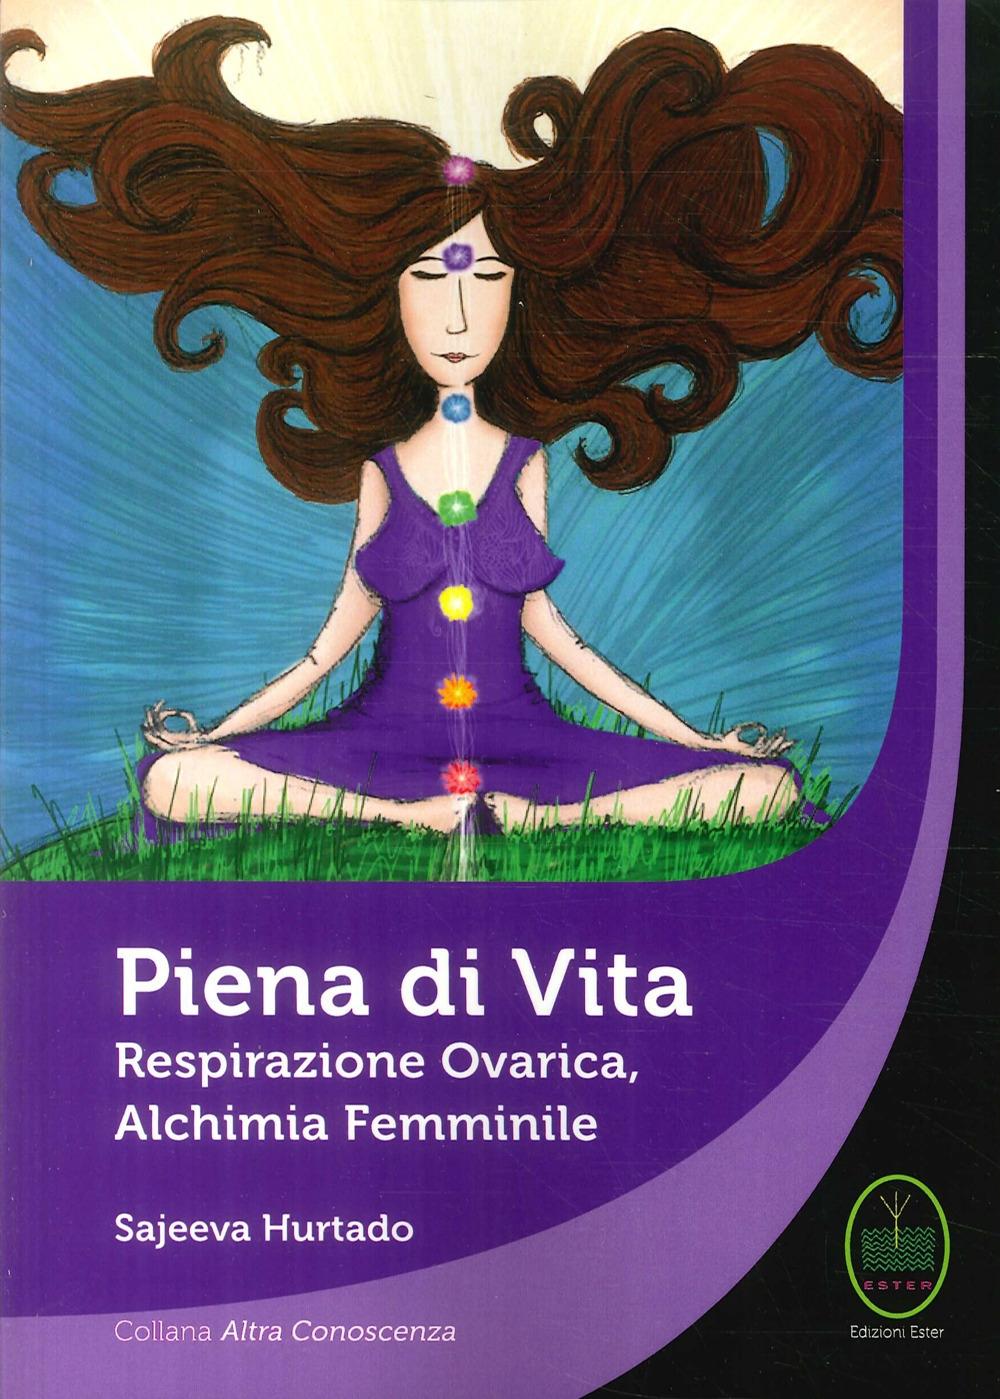 Piena di Vita. Respirazione ovarica, alchimia femminile